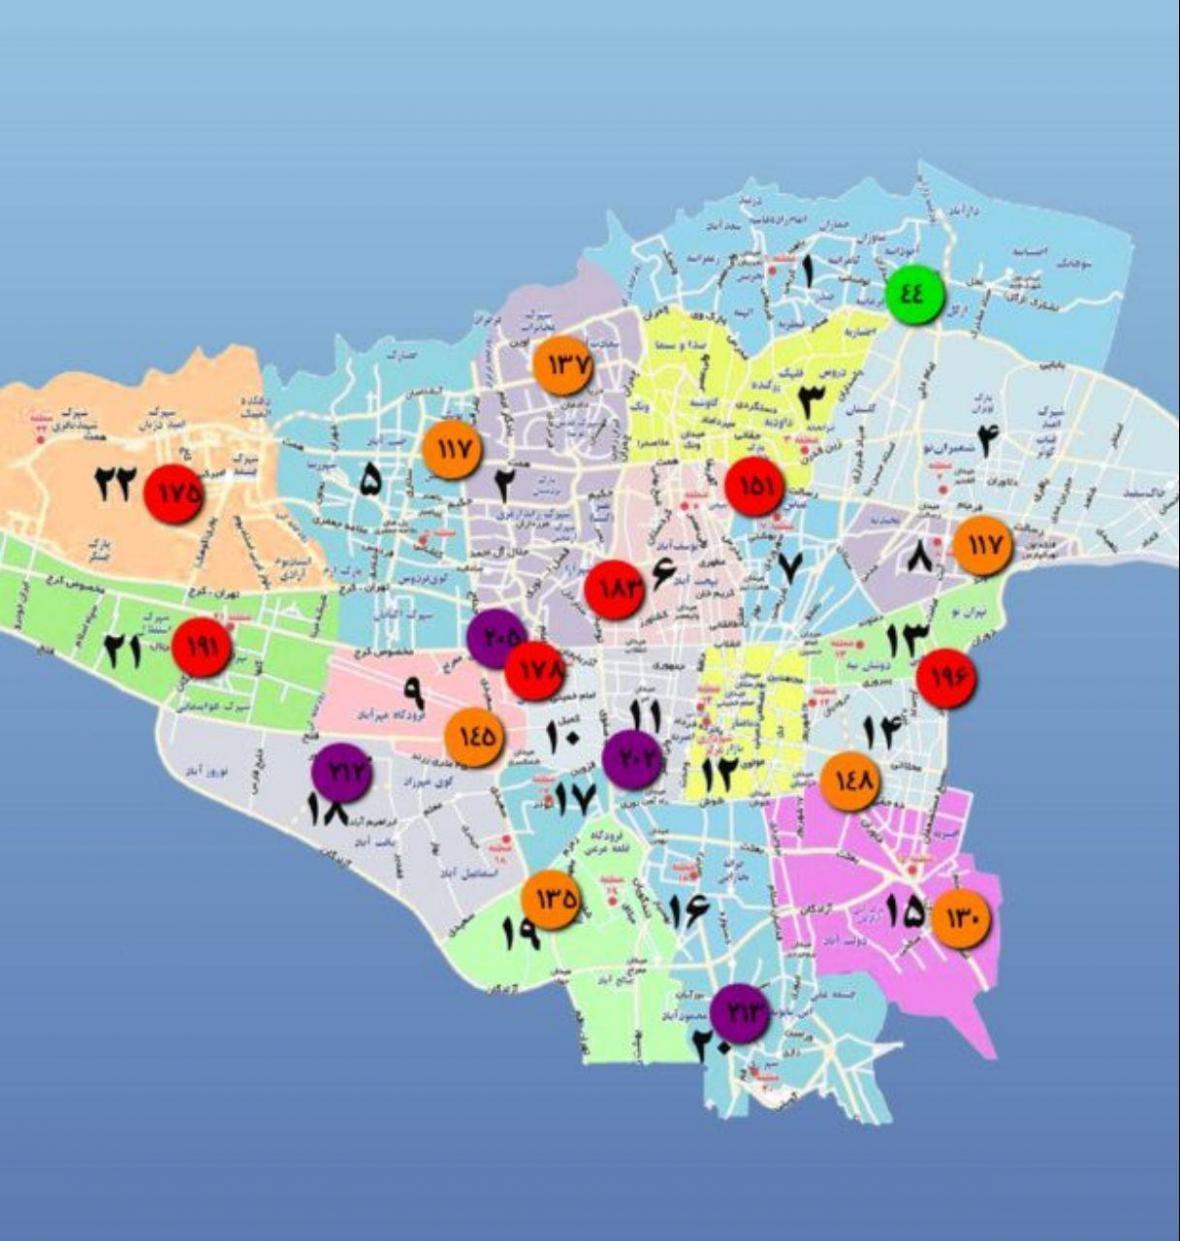 شاخص آلودگی هوای دانشگاه تهران به 183 رسید، اما دانشگاه تعطیل نشد!